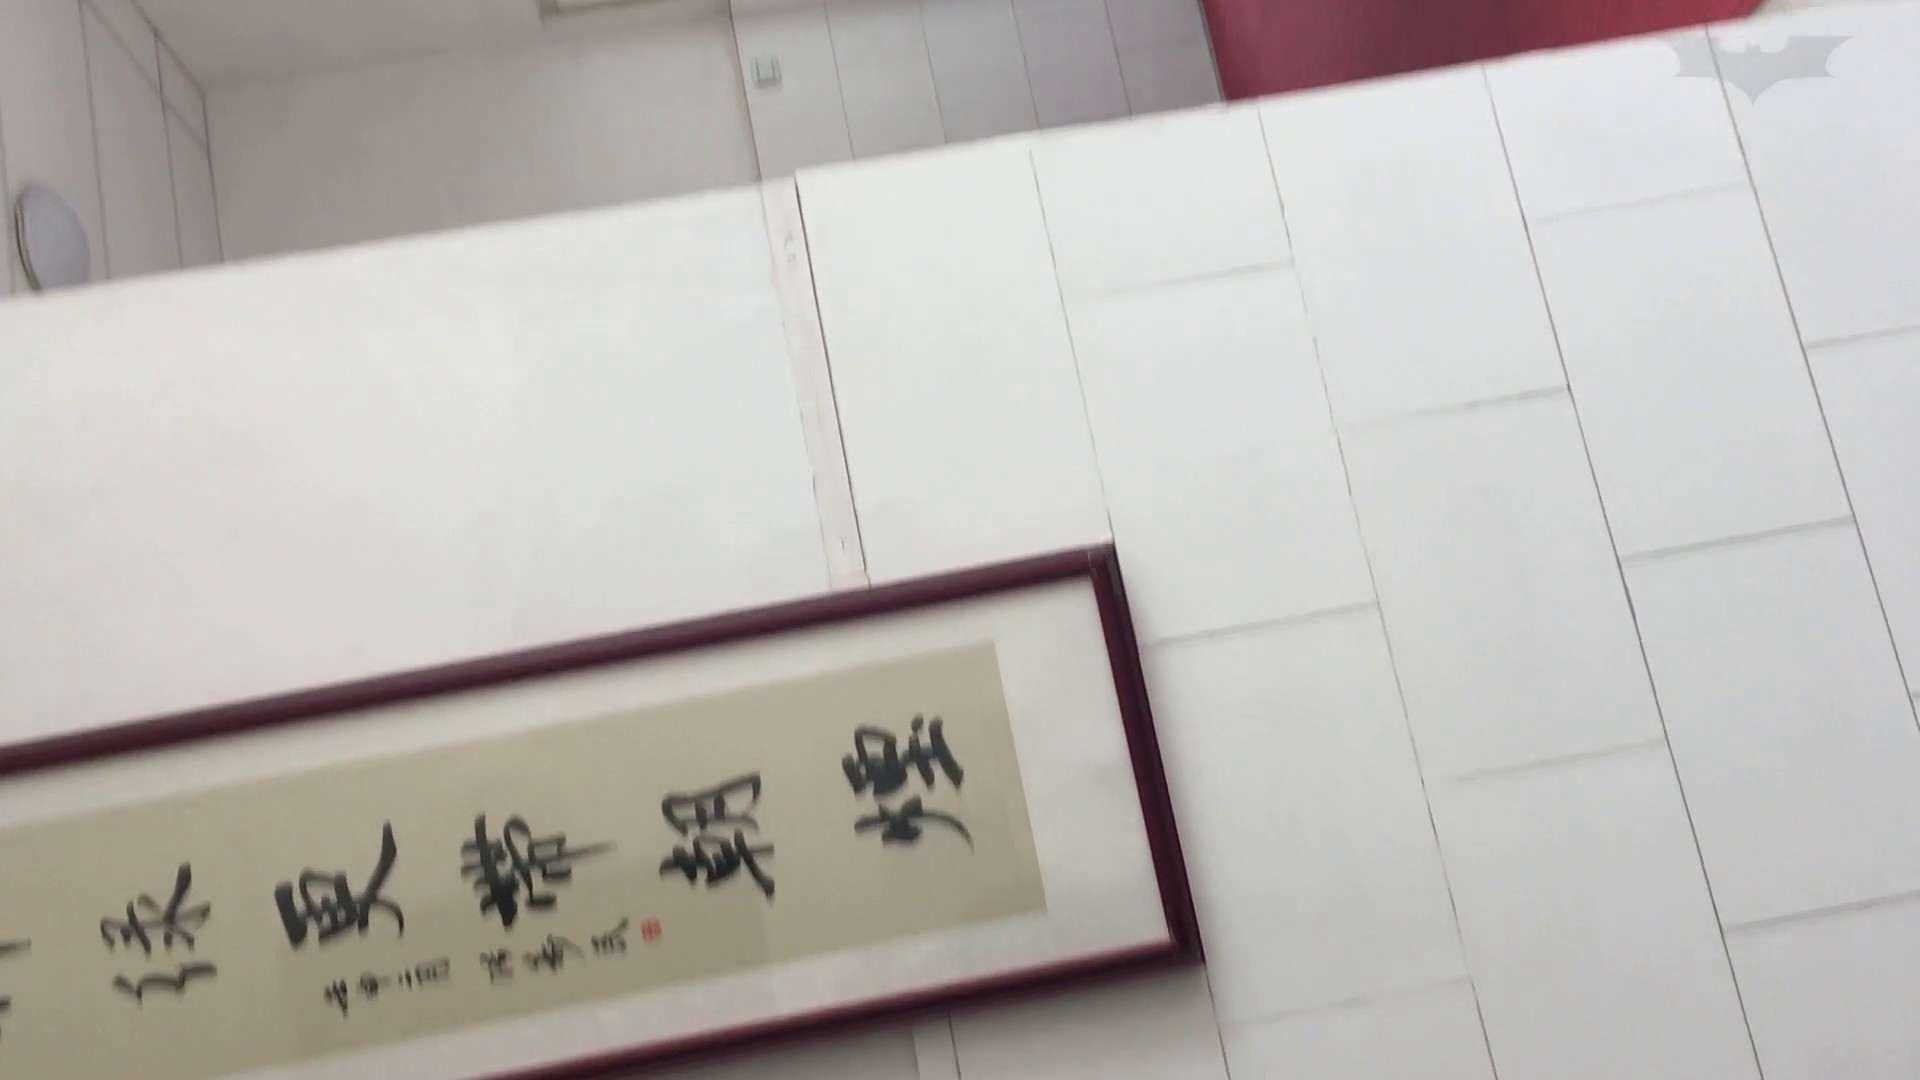 芸術大学ガチ潜入盗撮 JD盗撮 美女の洗面所の秘密 Vol.91 盗撮 | 高画質  97画像 29